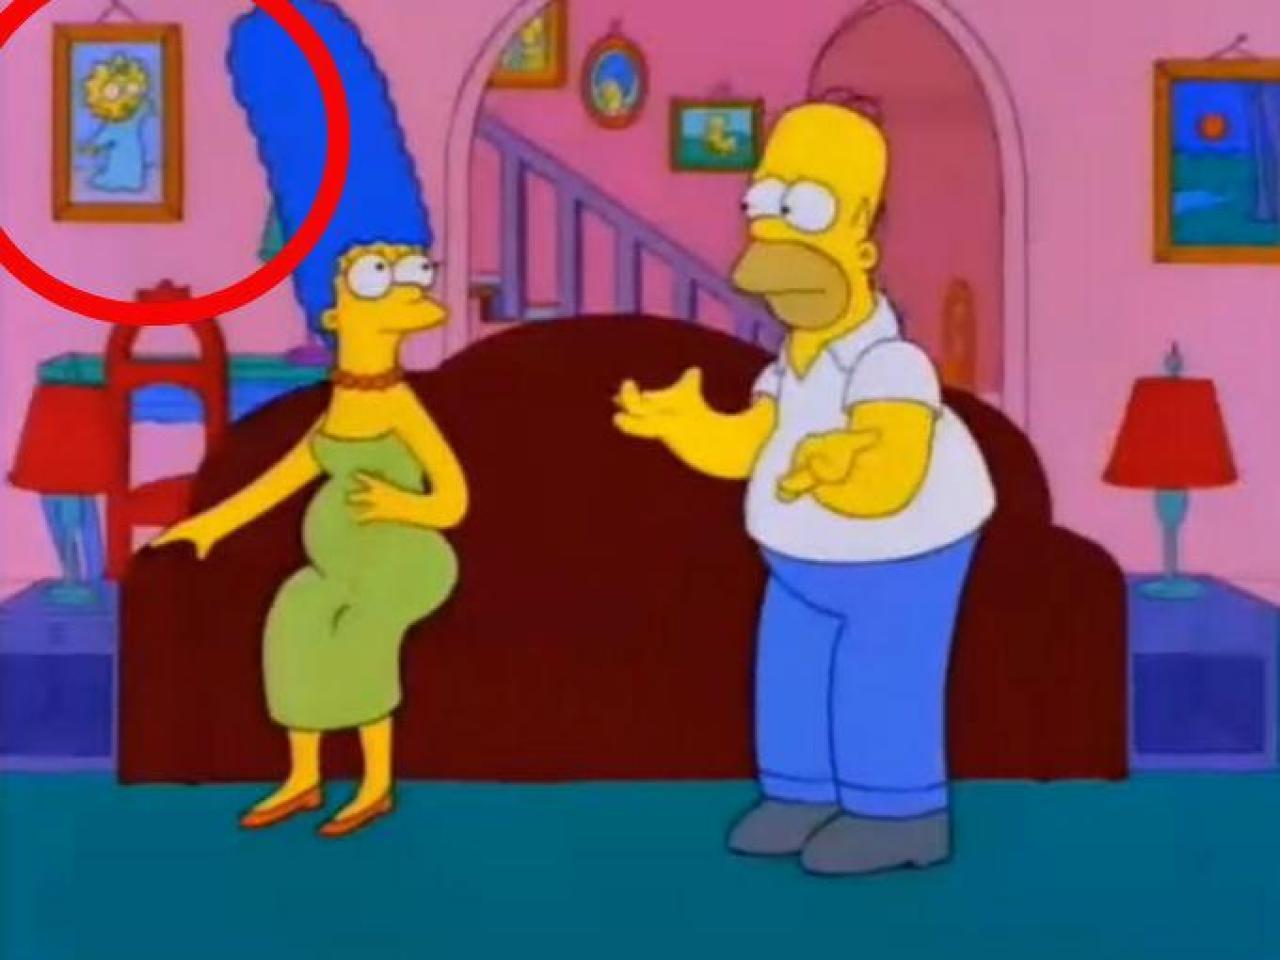 Фото оргии в симпсонах, Порно картинки Симпсоны Порно фото Симпсоны 17 фотография